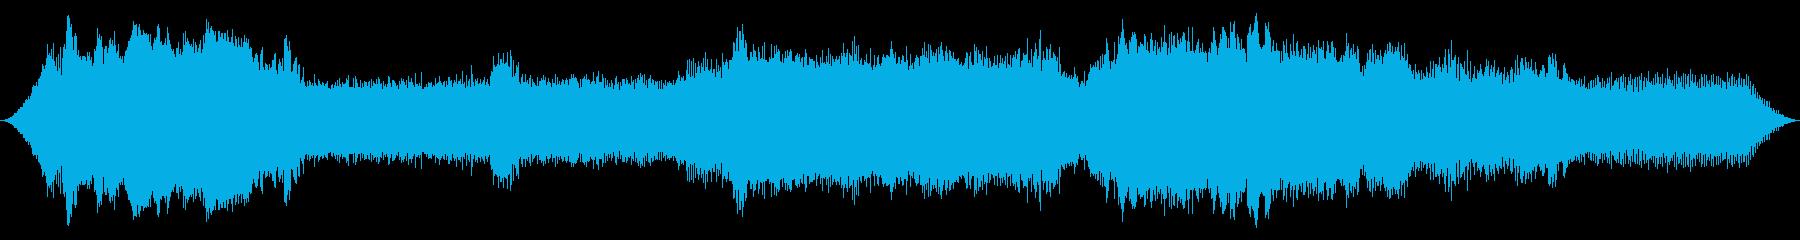 Int:アイドル、非常に遅い速度で...の再生済みの波形